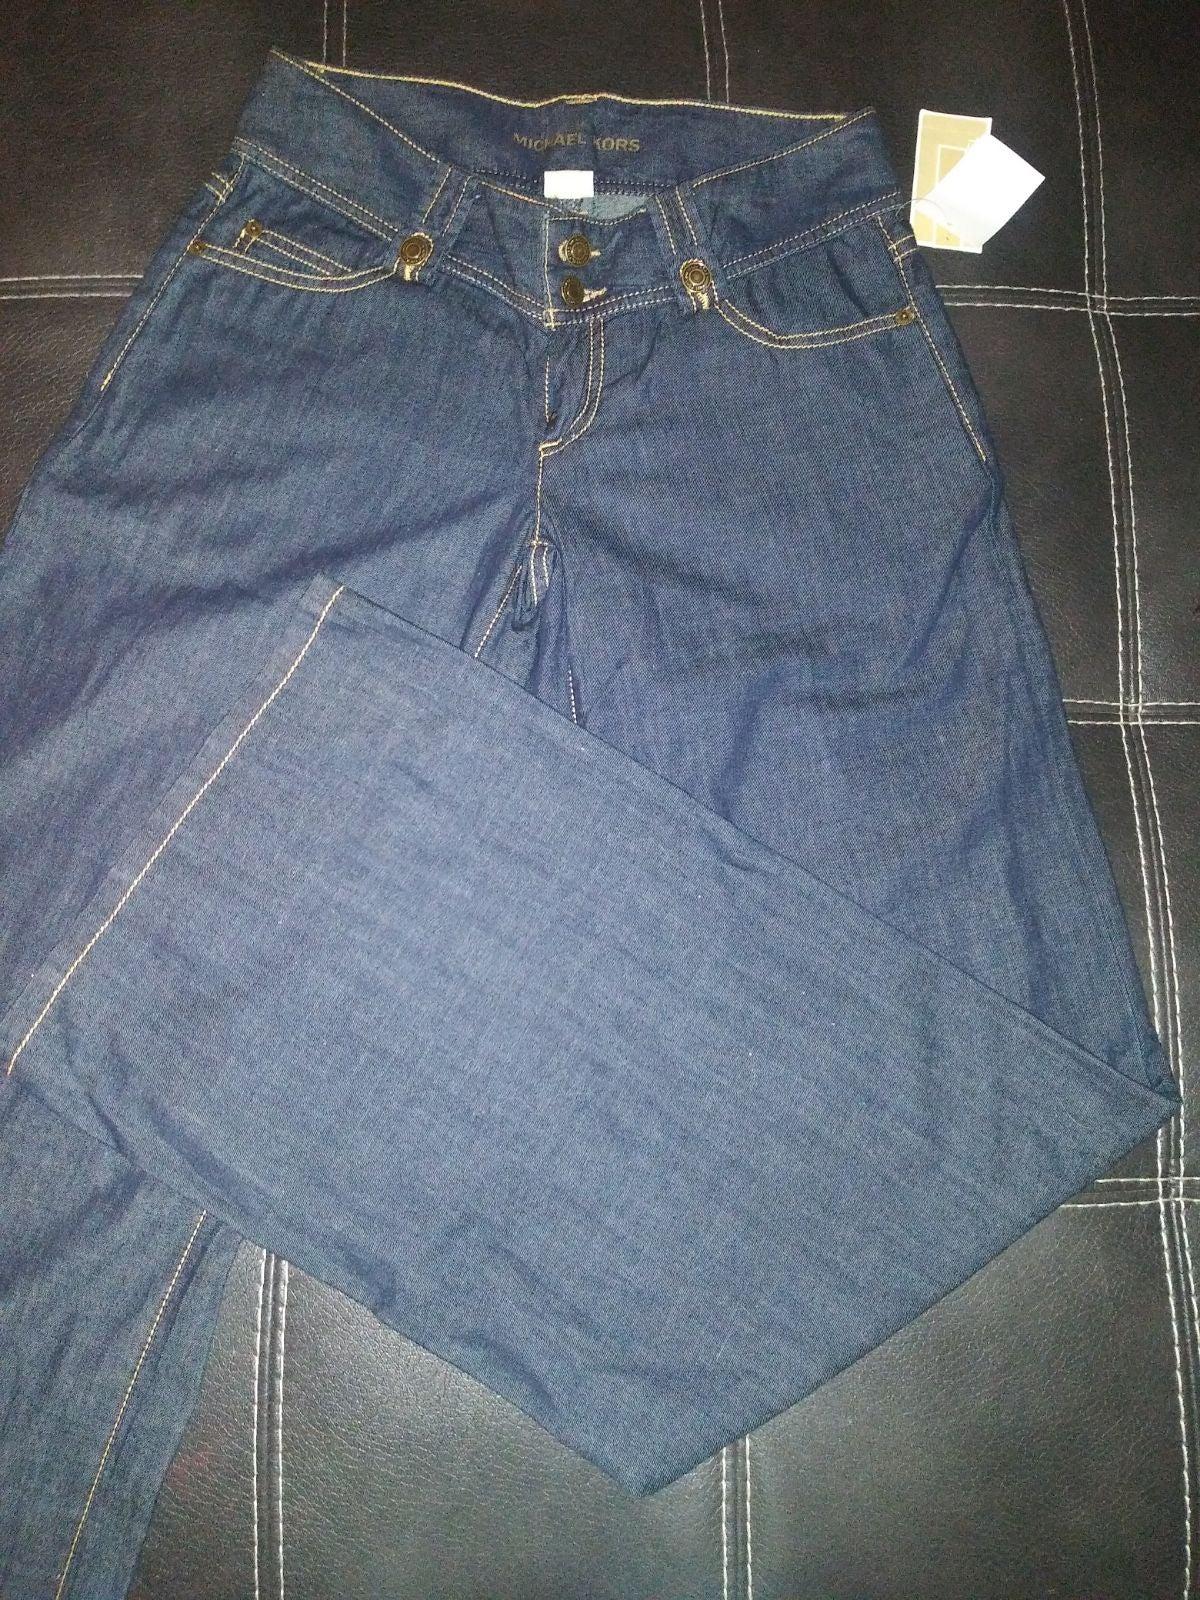 Brand new Michael Kors pants